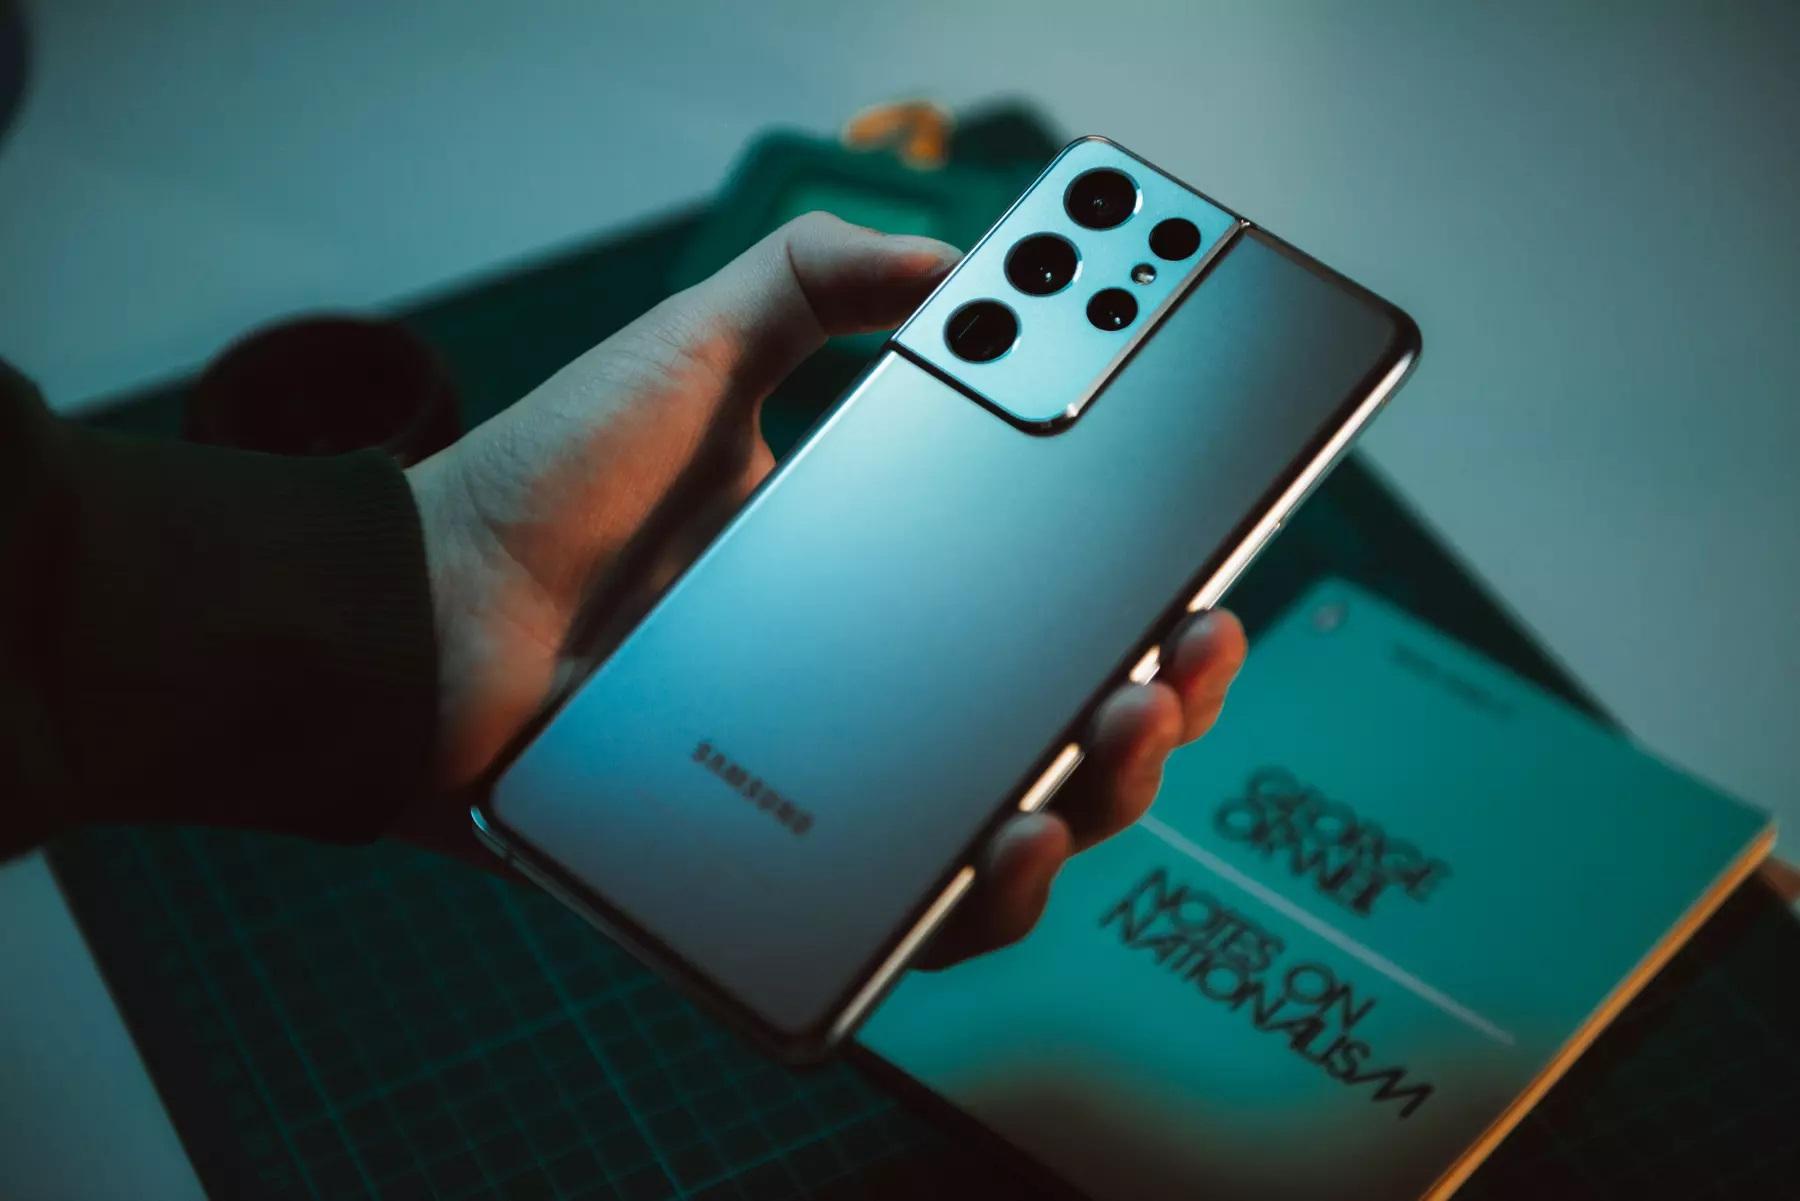 Себестоимость Samsung Galaxy S21 еще ниже, чем у Galaxy S20: на чем сэкономили